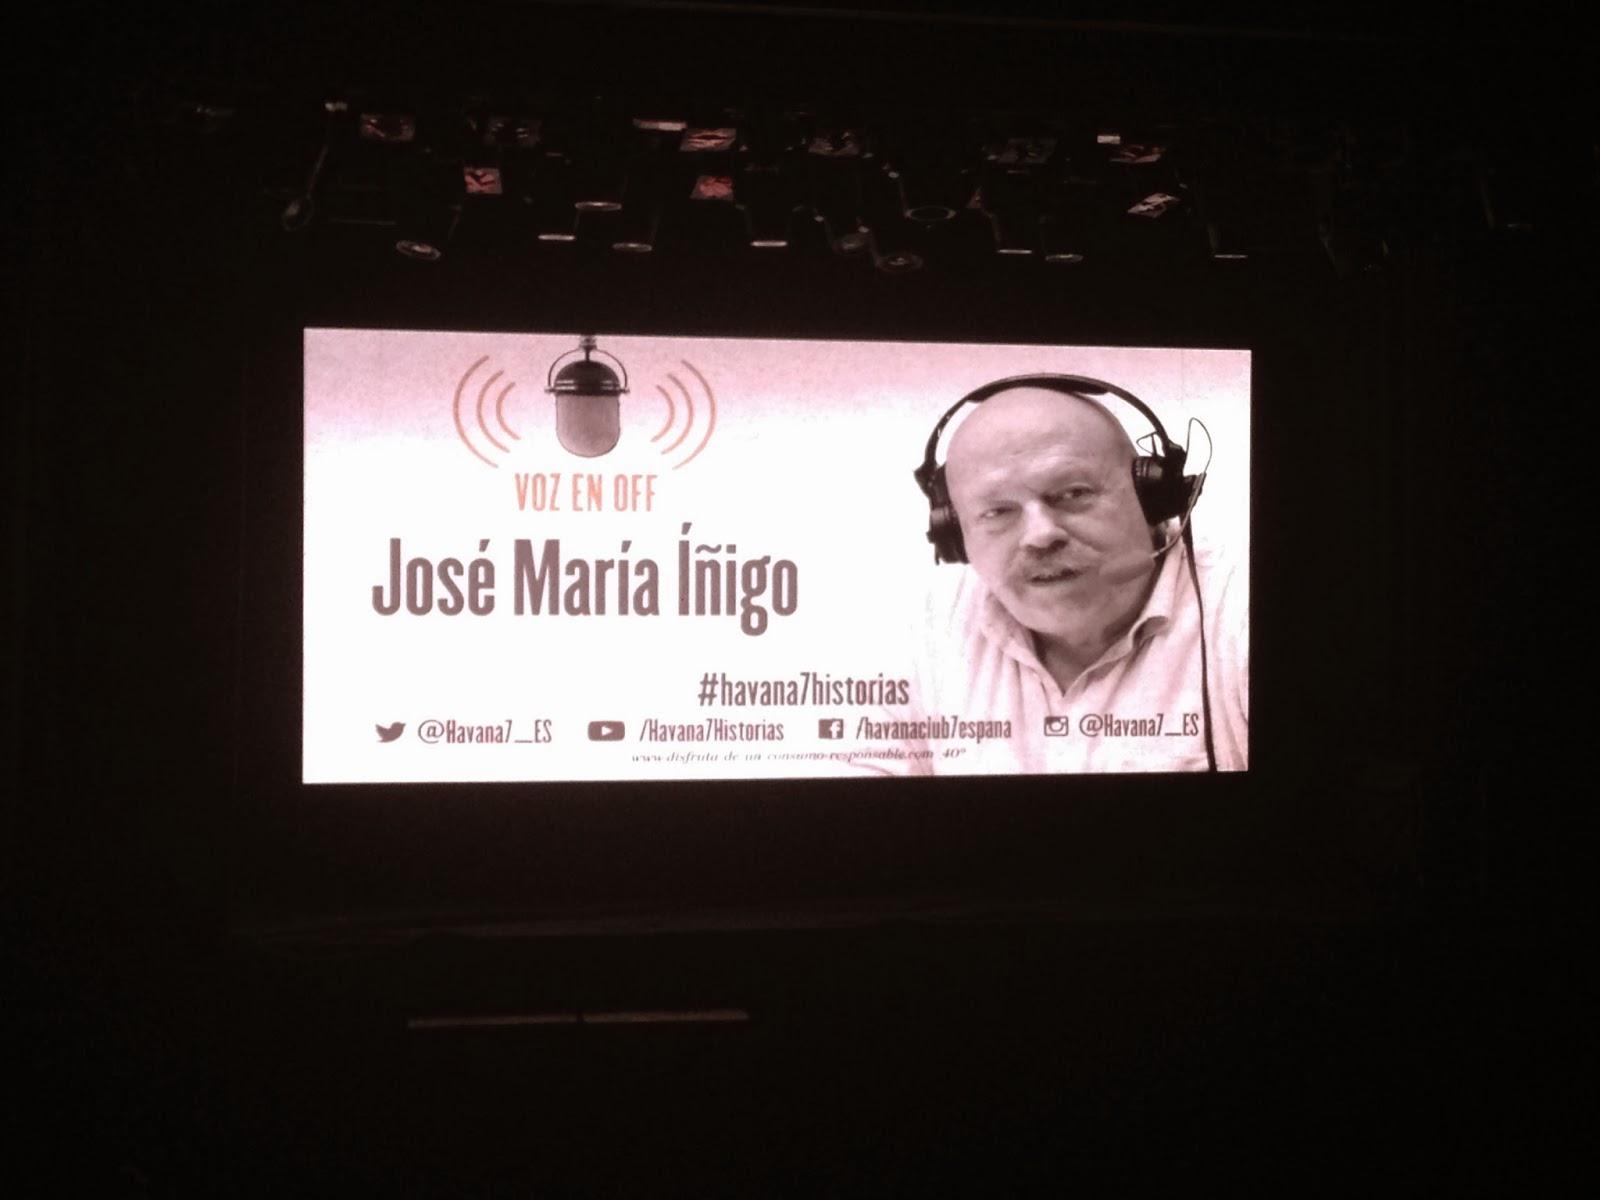 La voz en off de José María Íñigo nos dio la bienvenida al nuevo encuentro